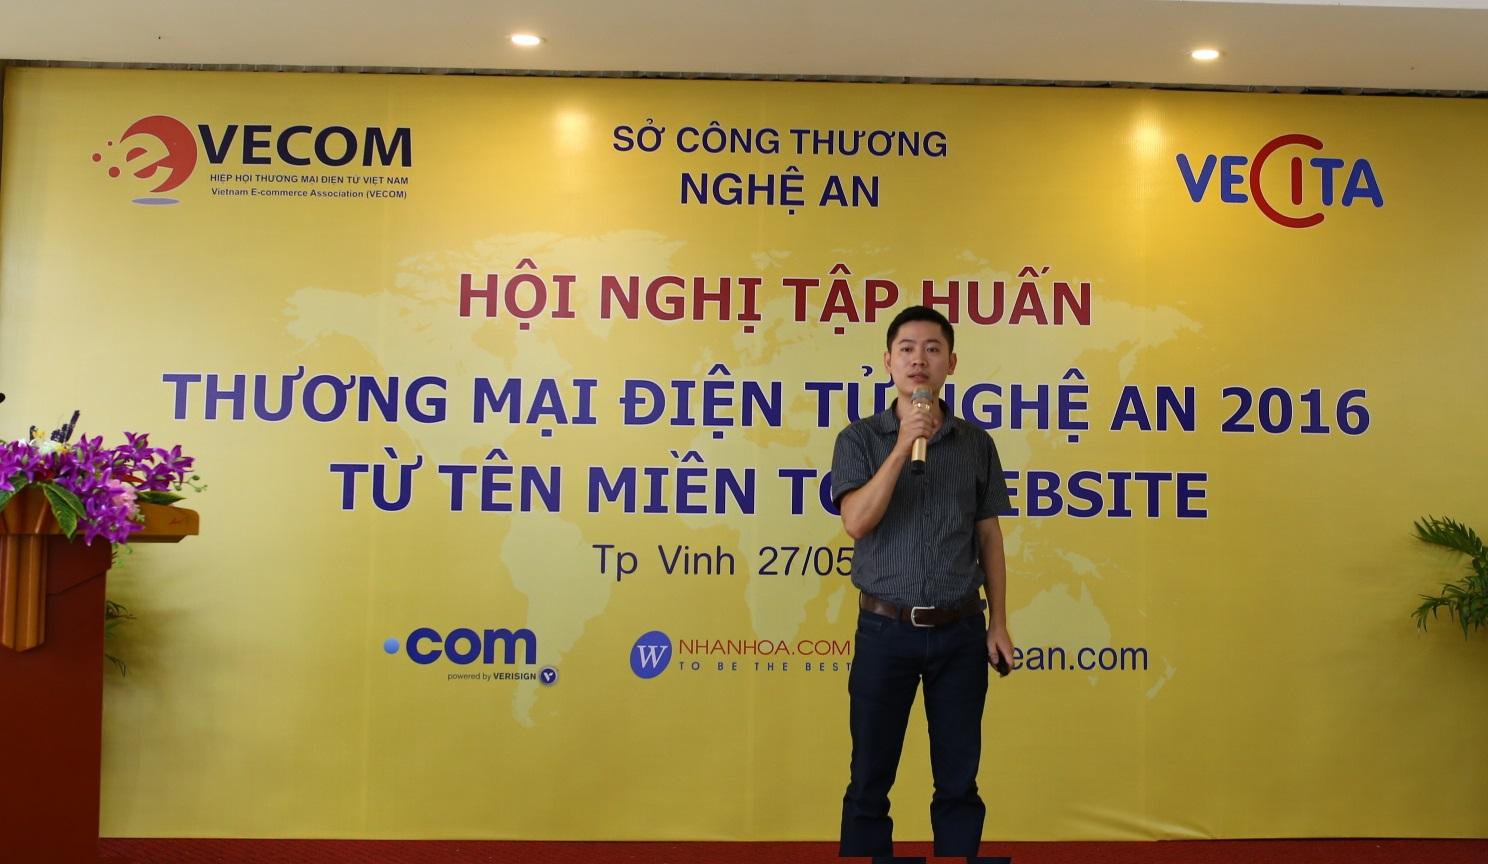 Thương mại điện tử mở rộng cơ hội kinh doanh tại Việt Nam